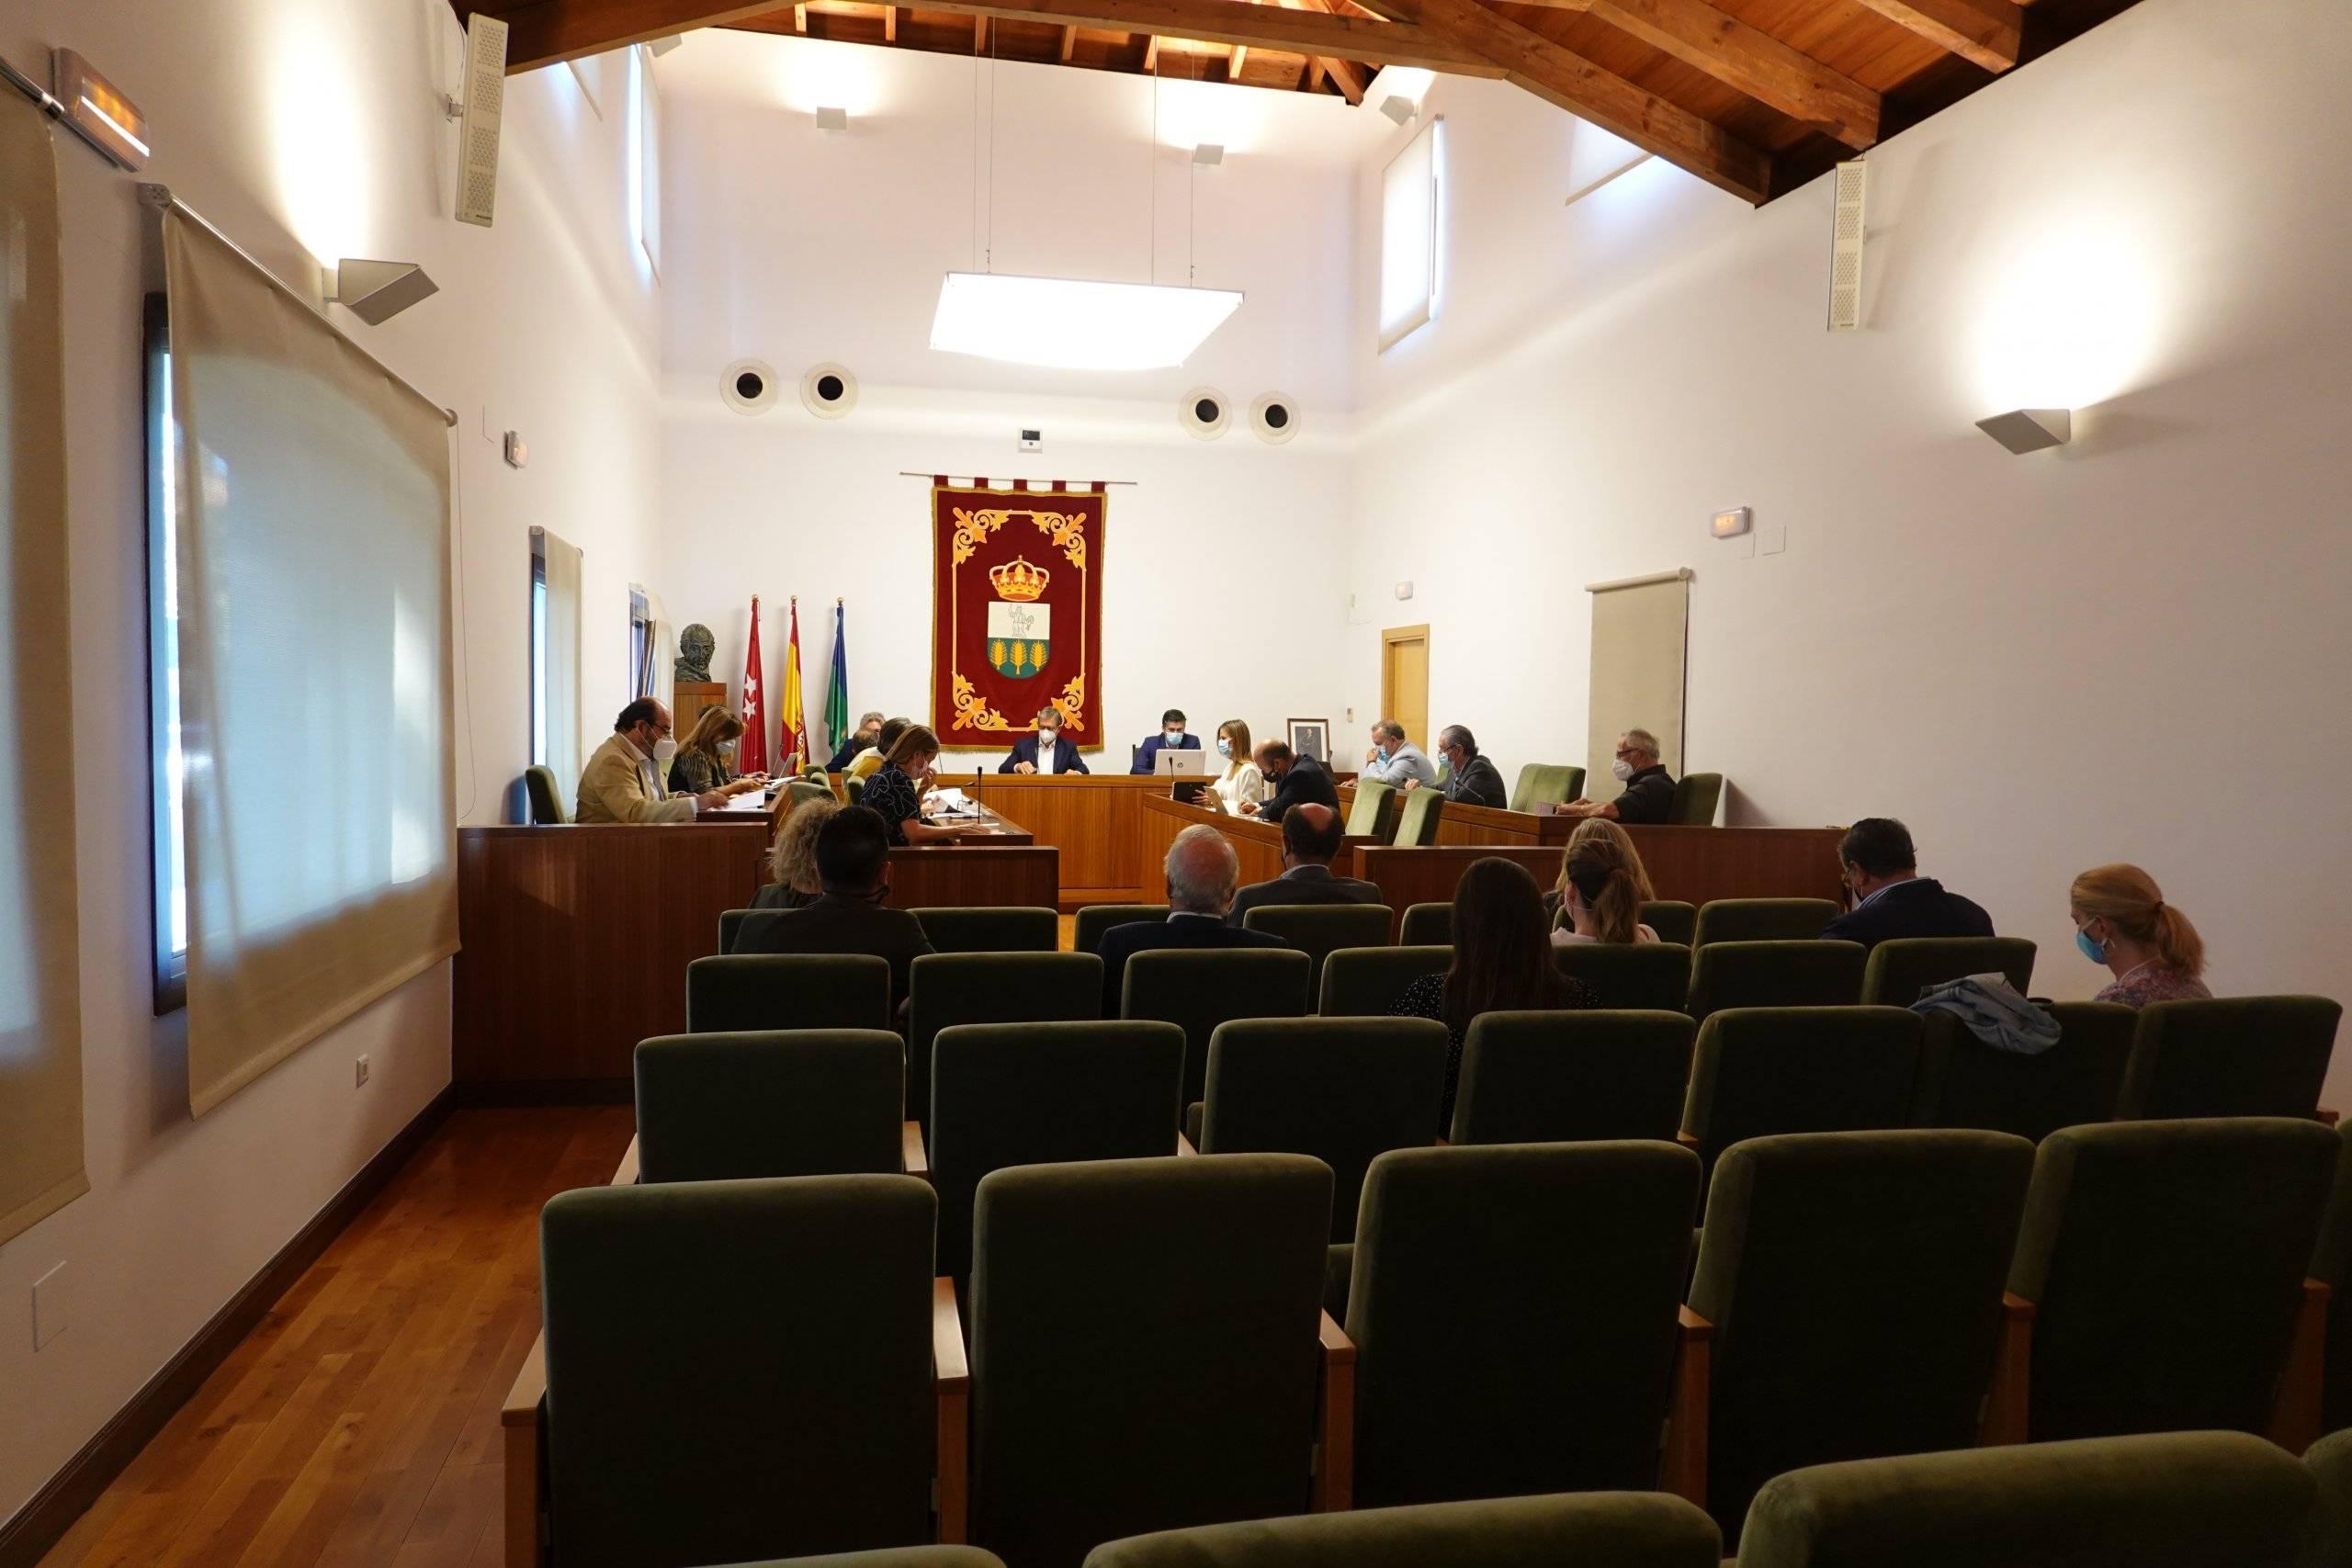 Imagen del Salón de Plenos.